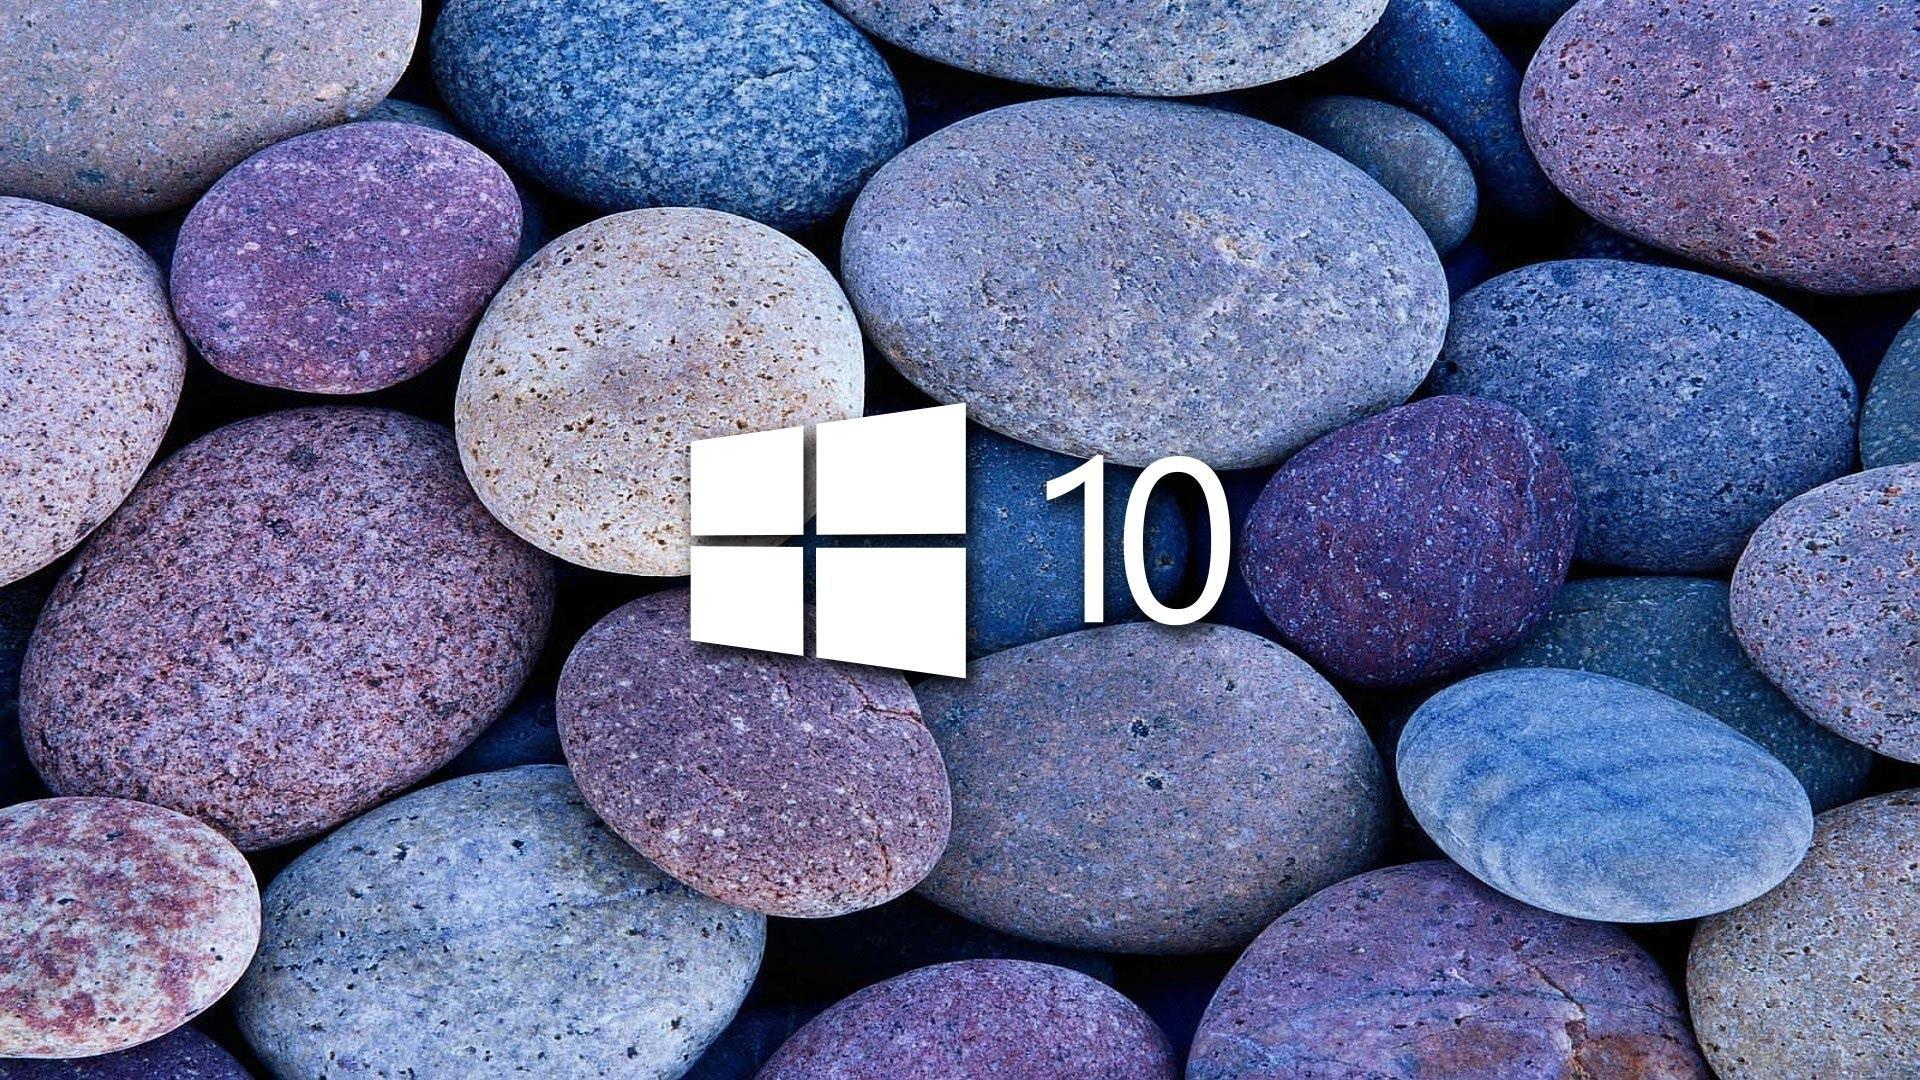 windows 10 wallpaper hd,pebble,rock,gravel,cobblestone,granite